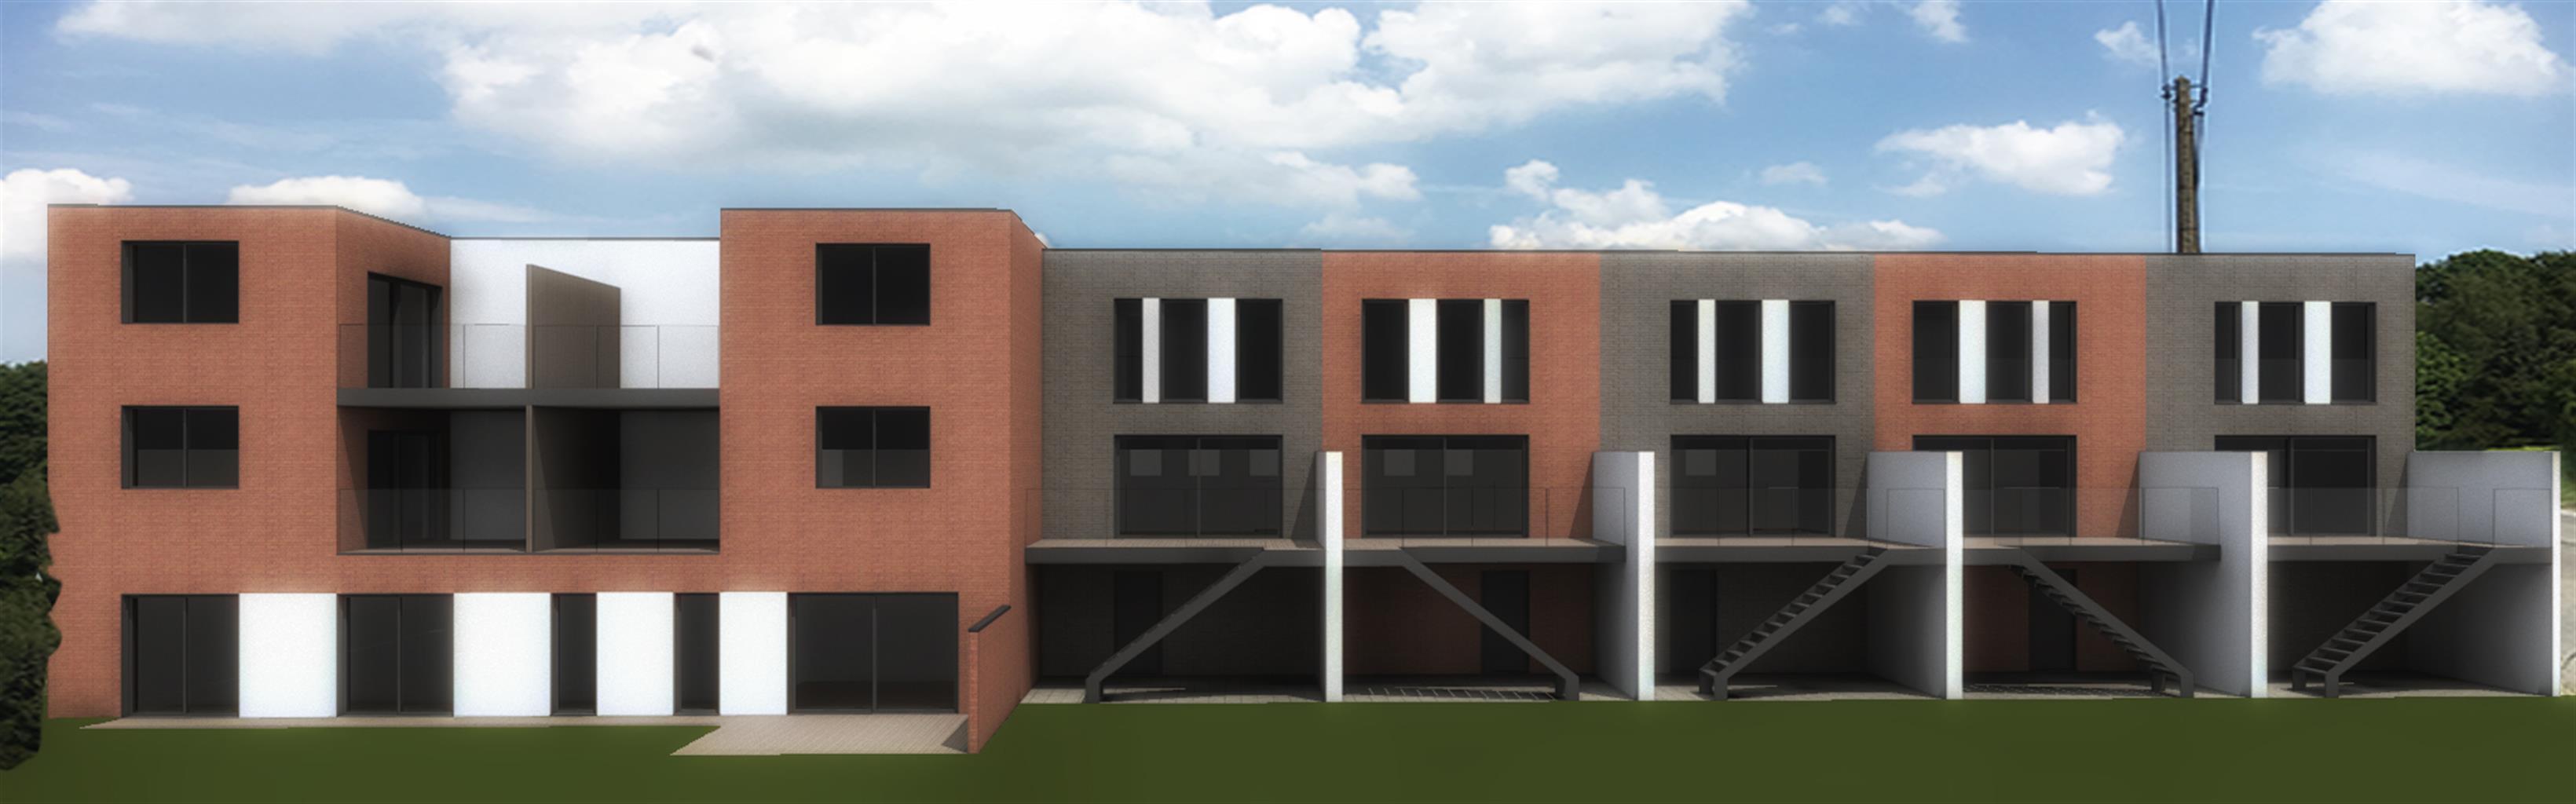 Terrain à bâtir (projets) - Liège Jupille-sur-Meuse - #4447739-16